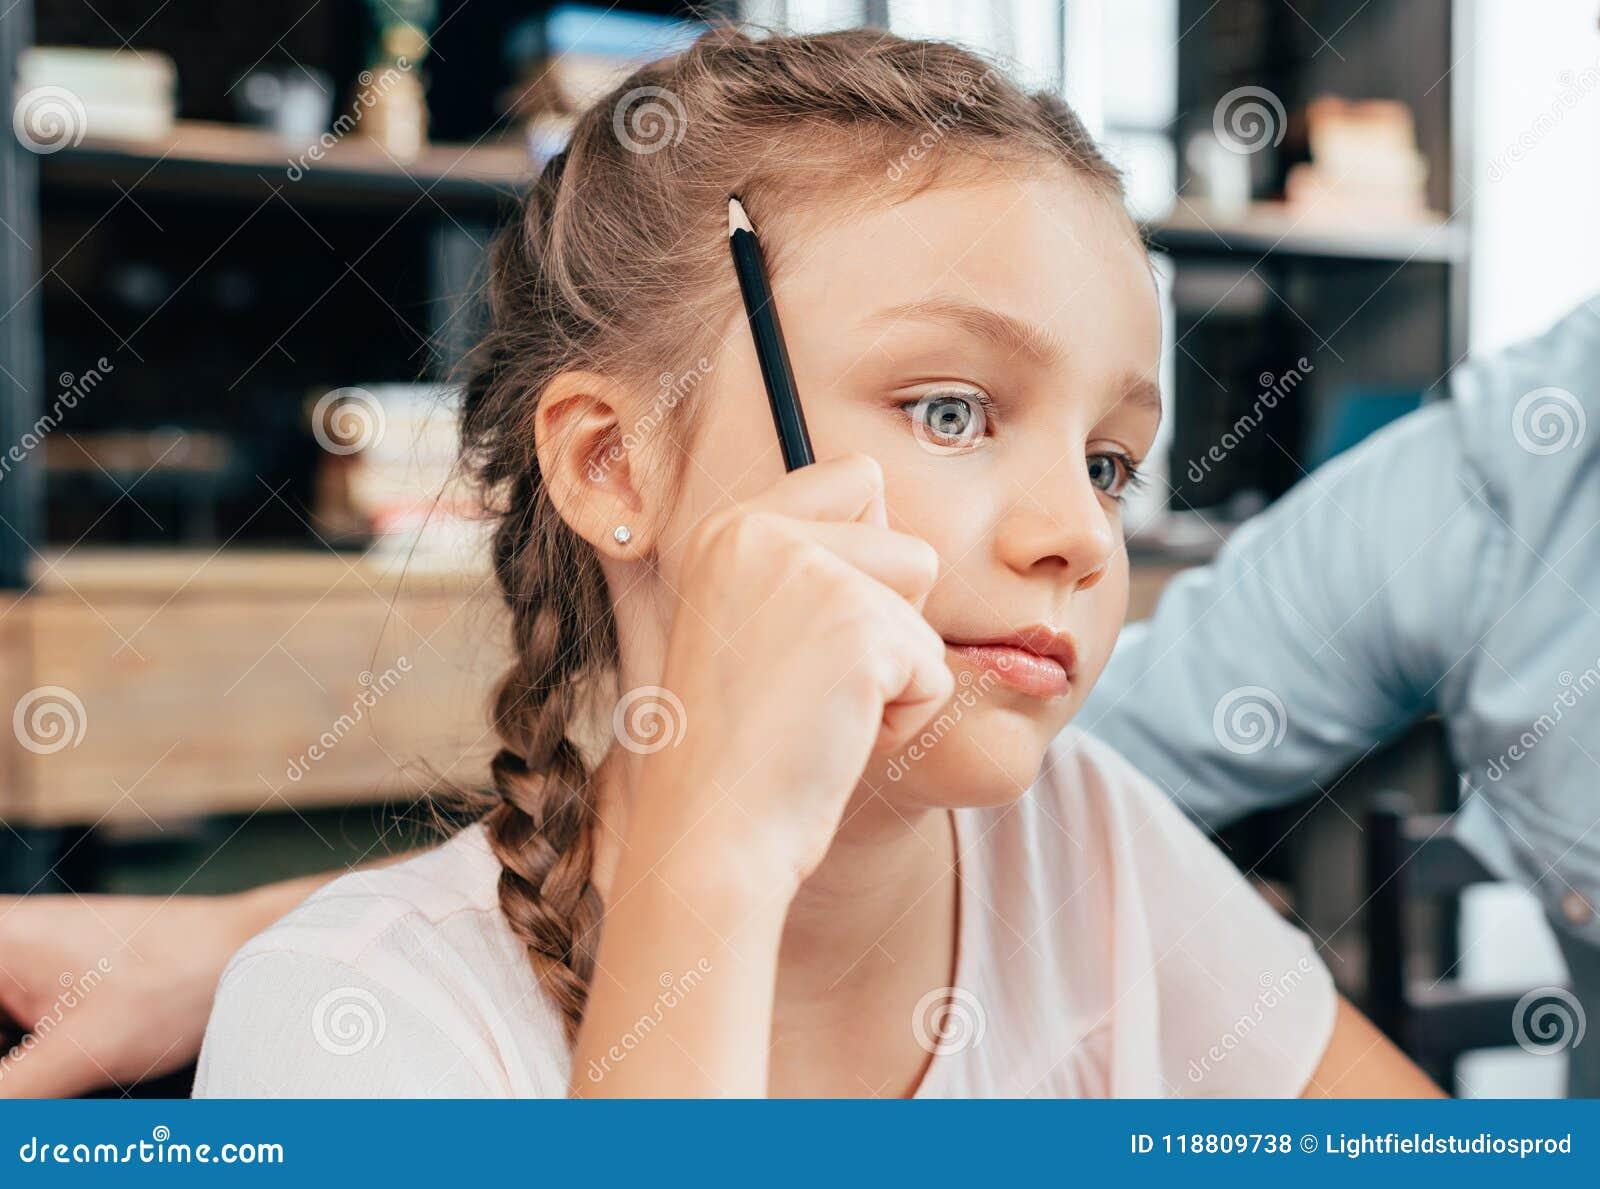 Me doing homework little girl crying